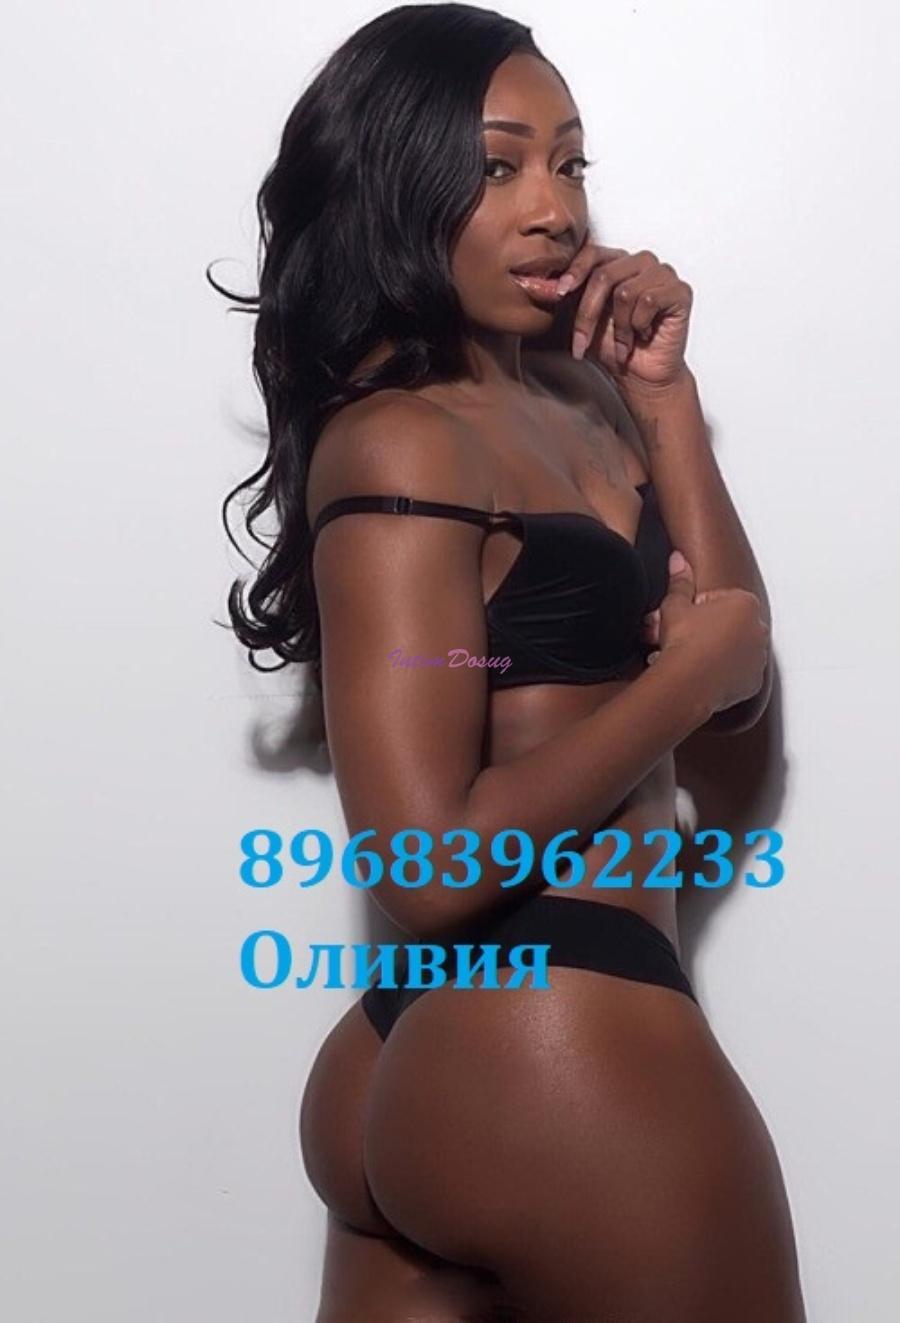 Проститутки негритянки алтуфьево, голые в платье девки фото